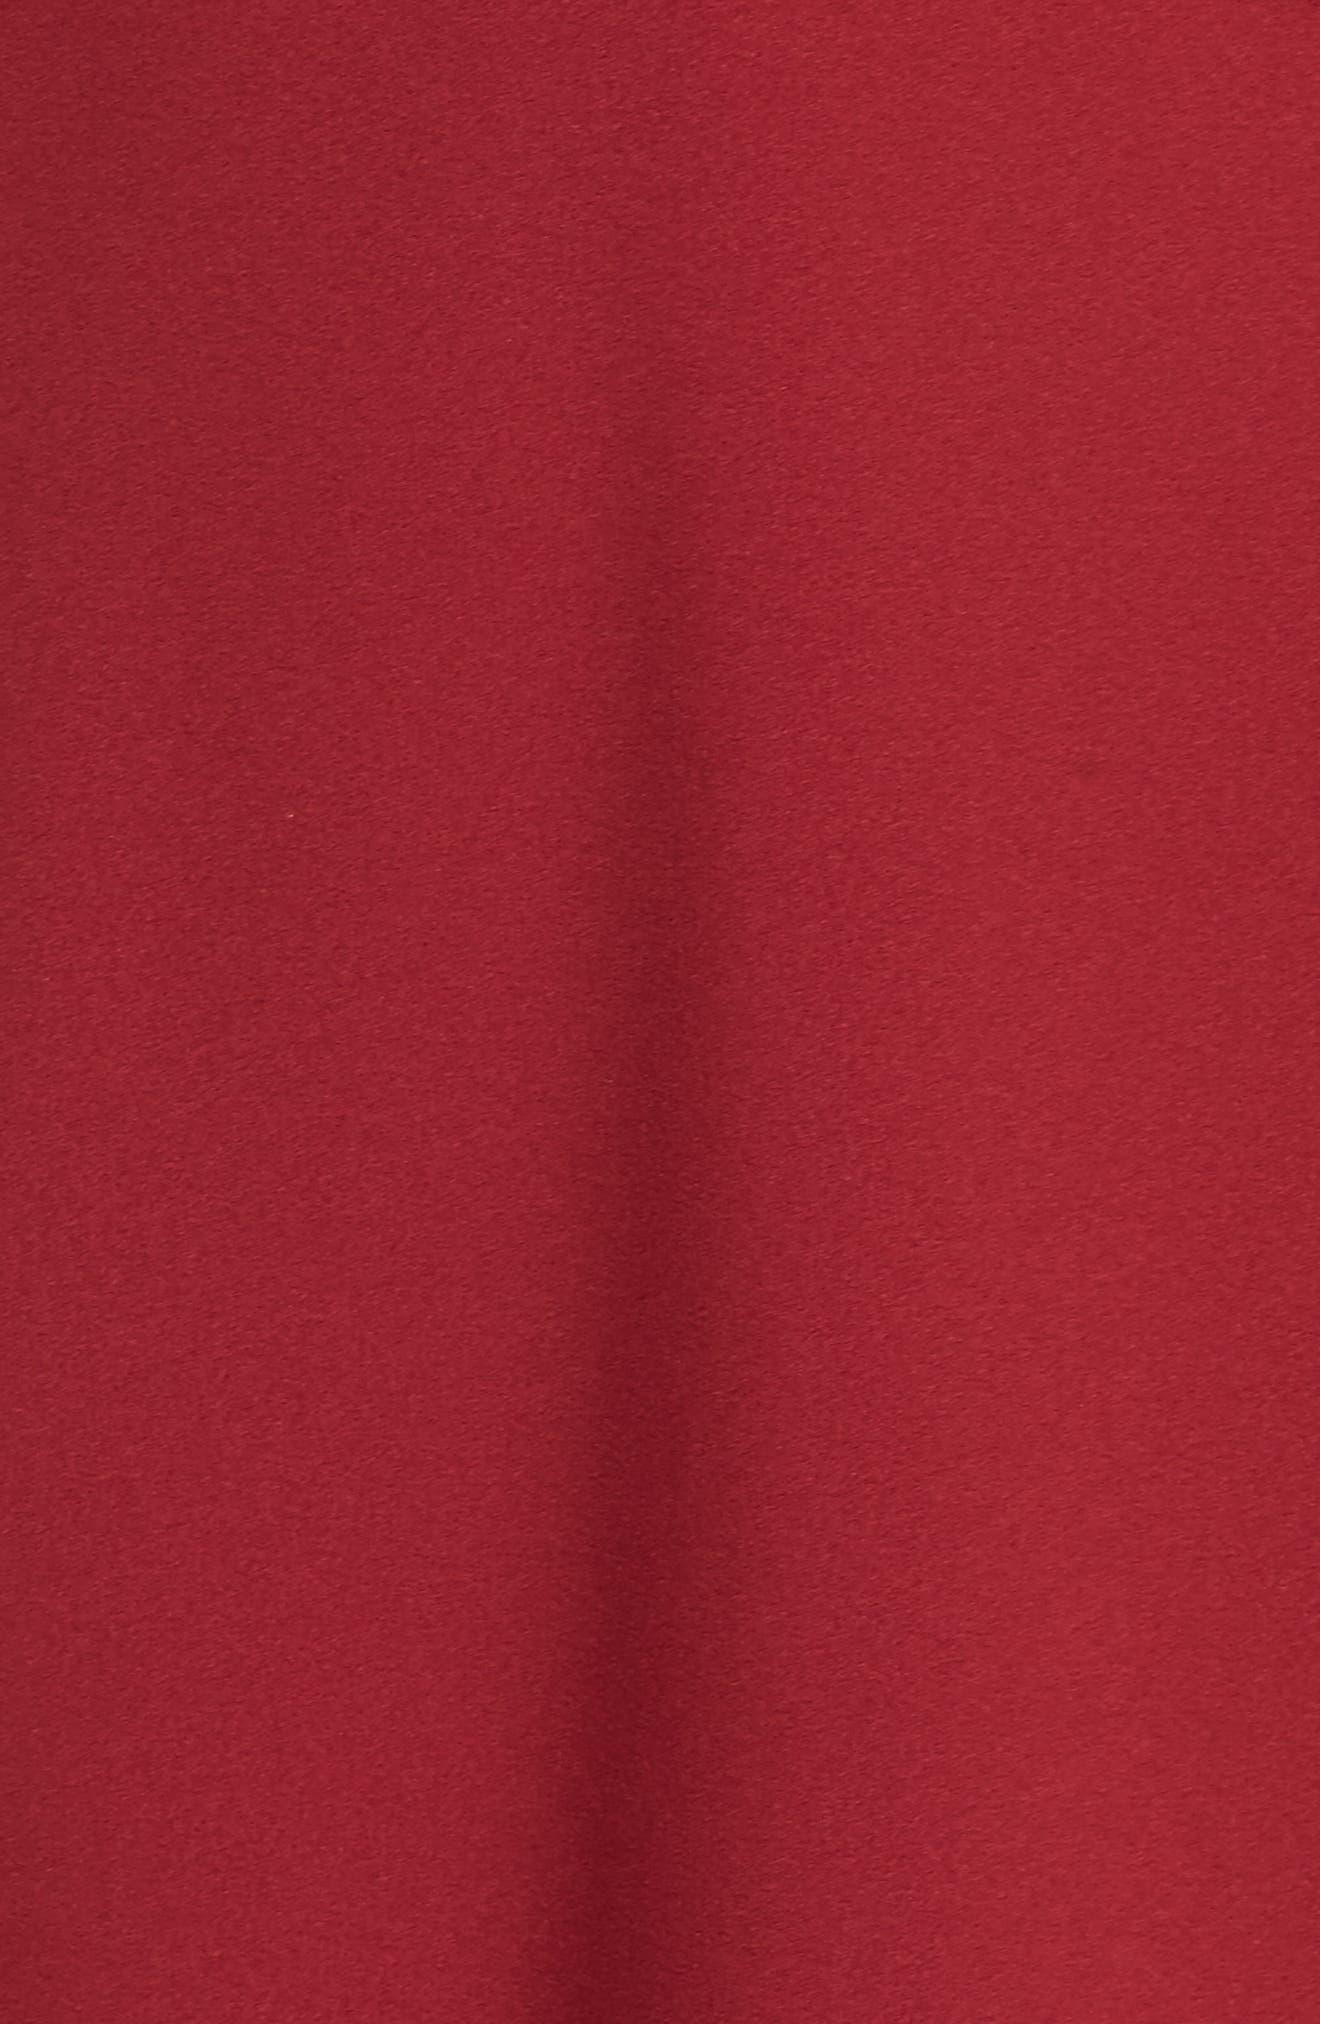 Free Spirit Popover Minidress,                             Alternate thumbnail 5, color,                             639